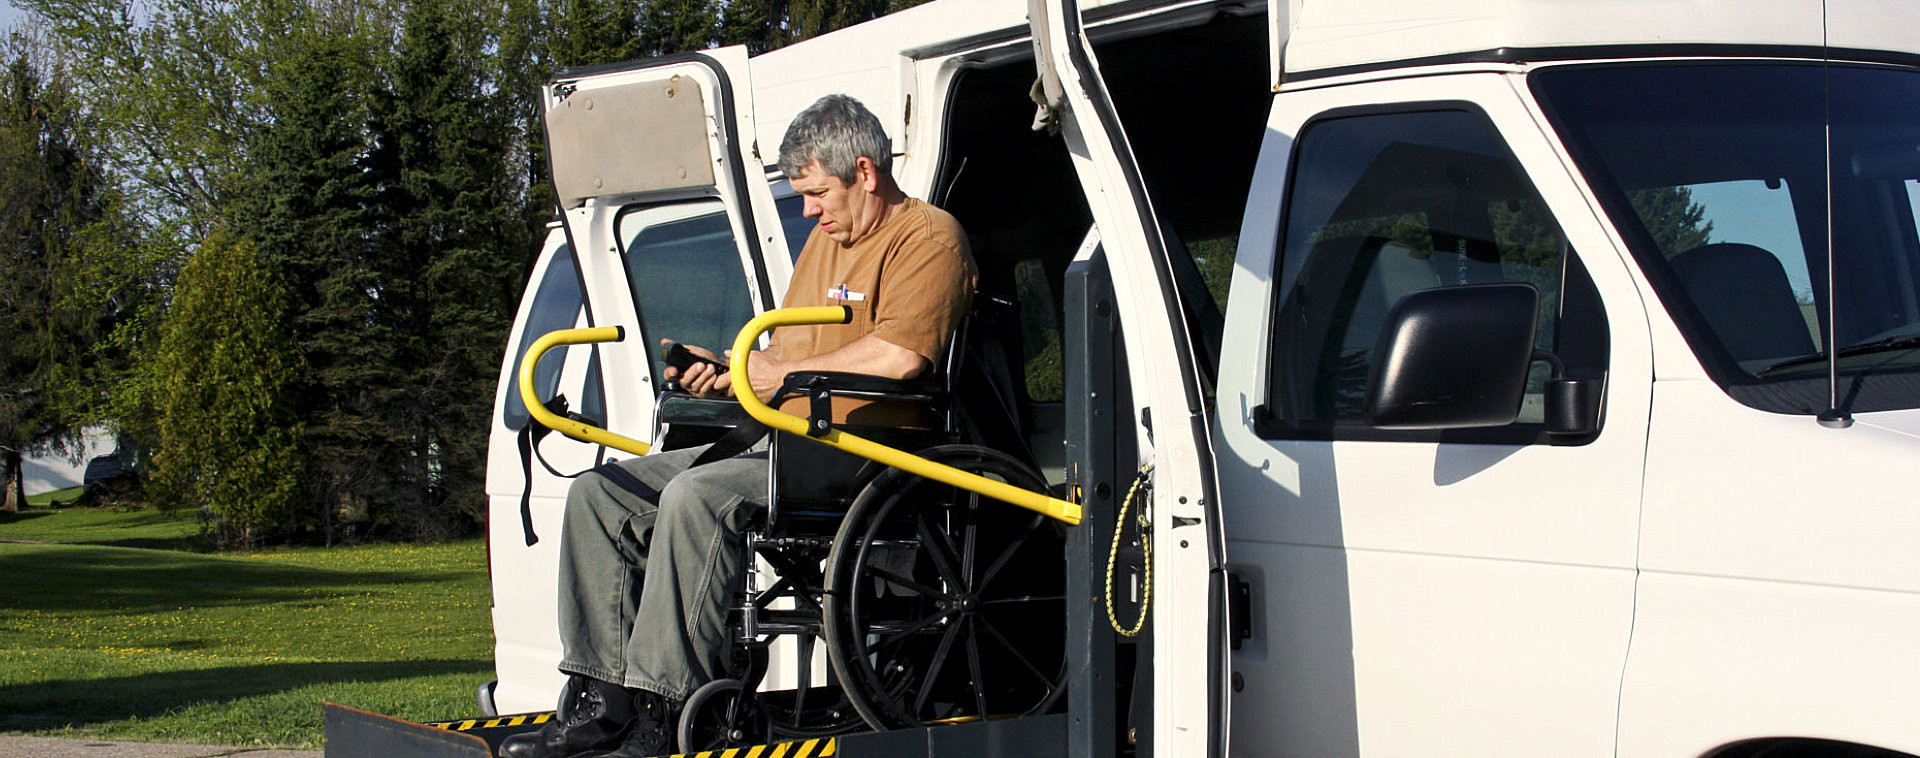 patient in the van